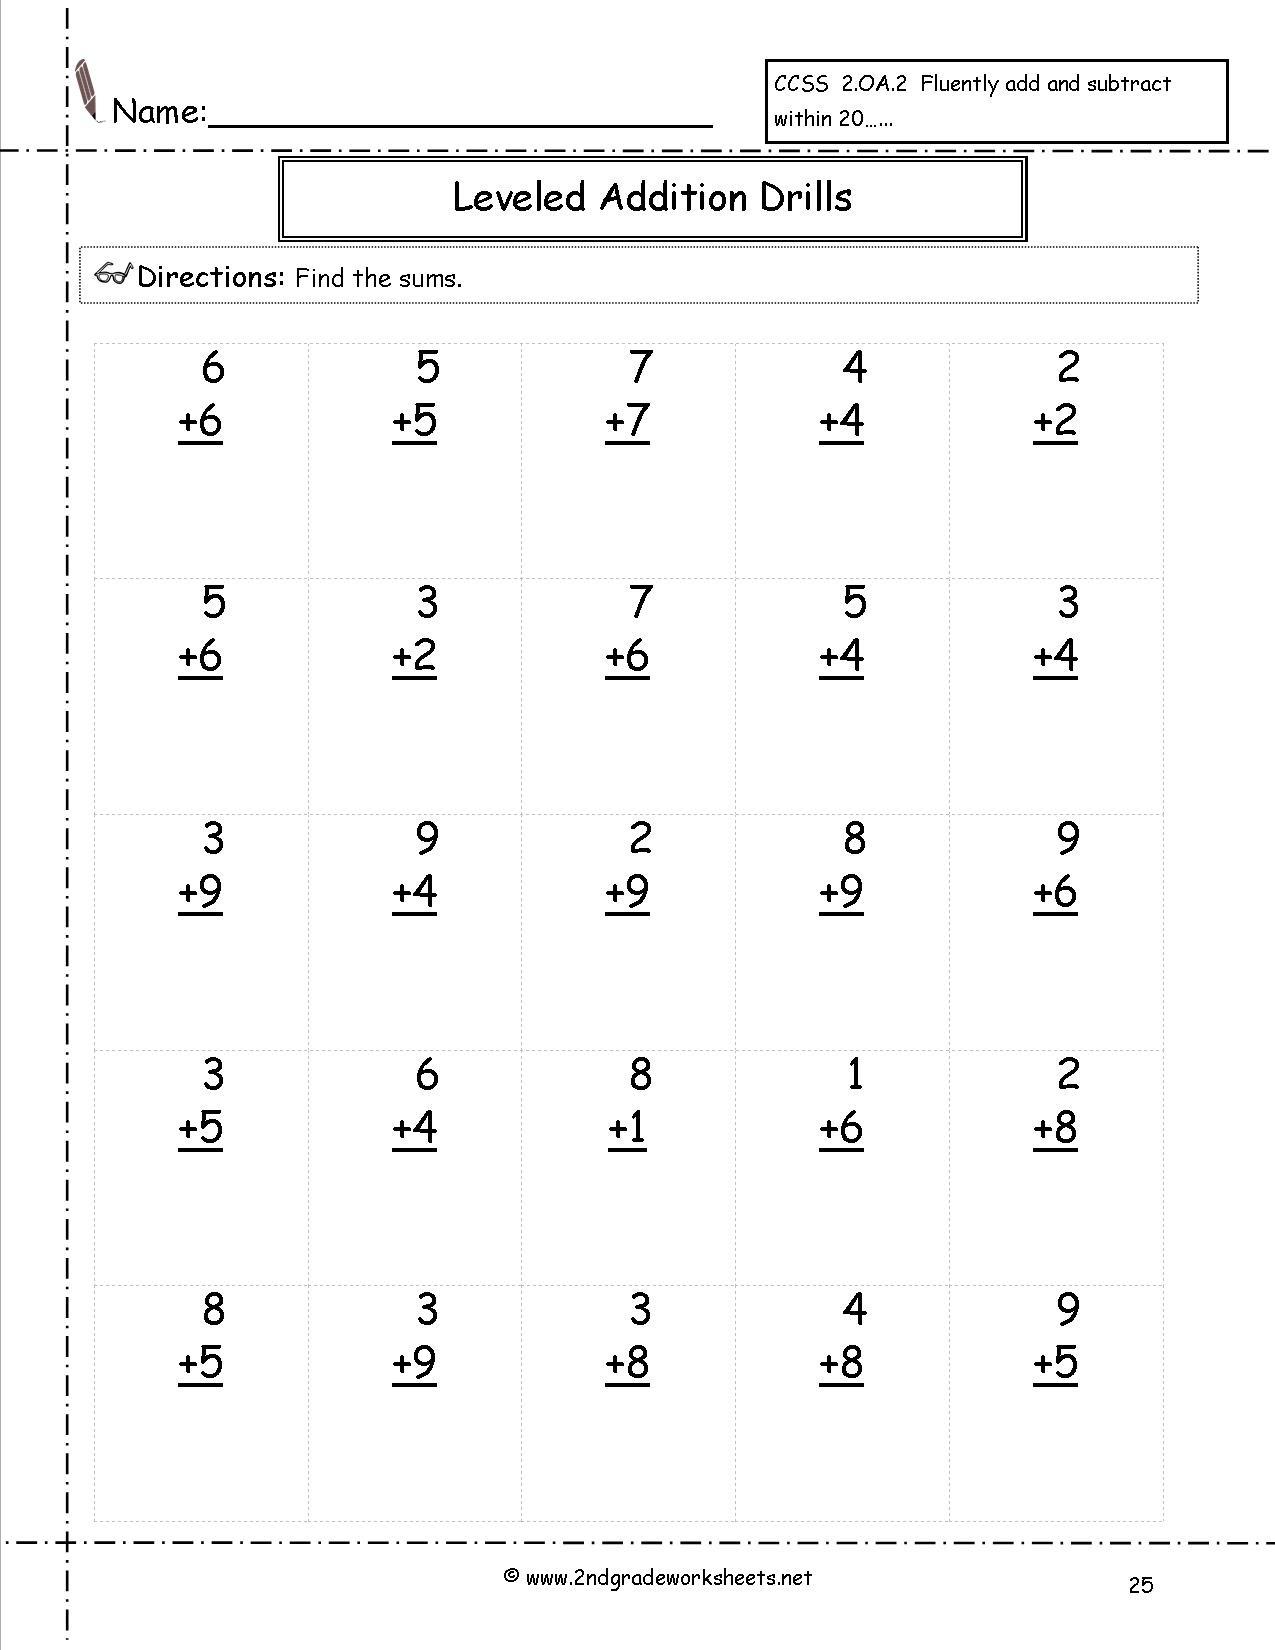 Free Math Worksheets And Printouts - Free Printable Math Sheets